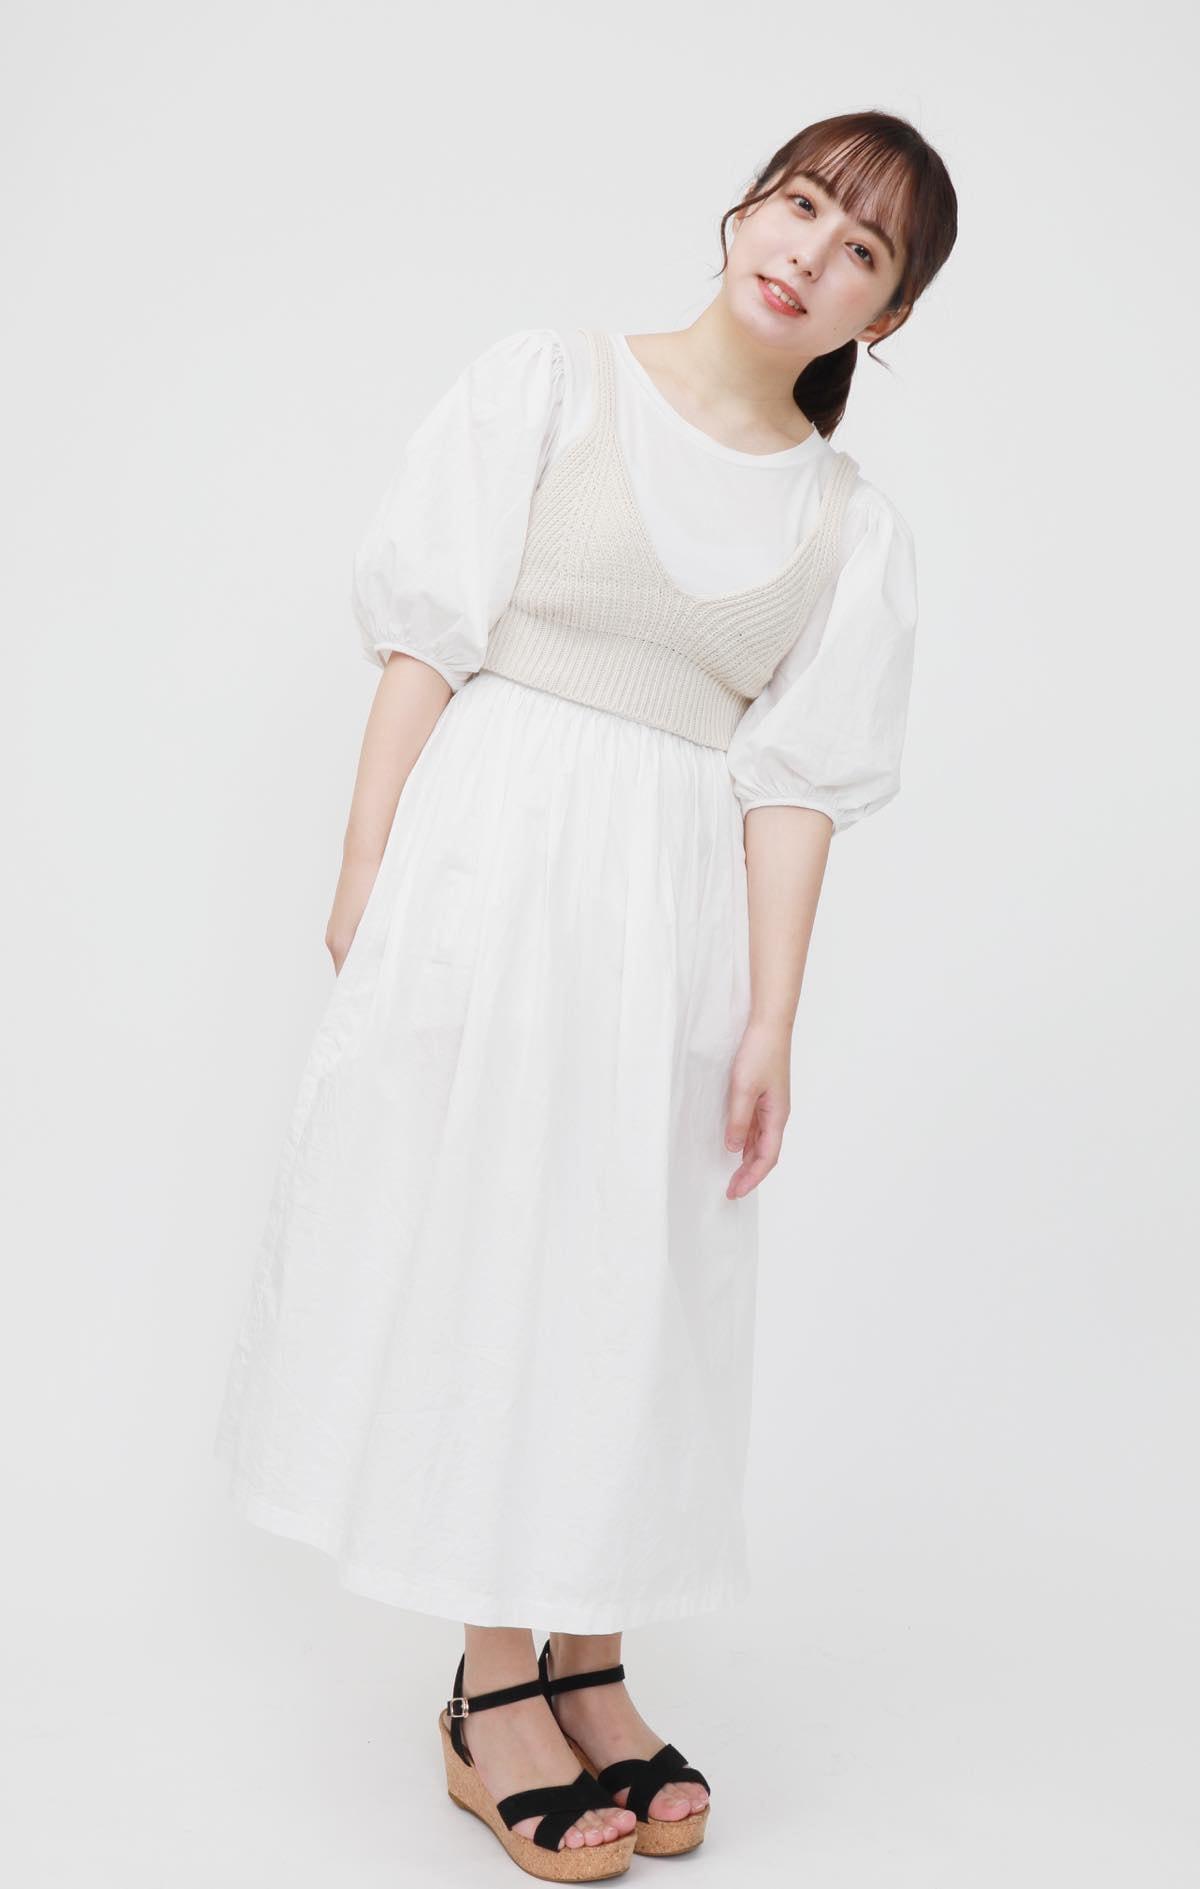 現役アイドル前田美里「『僕たちの嘘と真実』を観て、今まで欅坂46を応援してきて良かったなって思いました」【写真40枚】「坂道が好きだ!」第49回の画像005